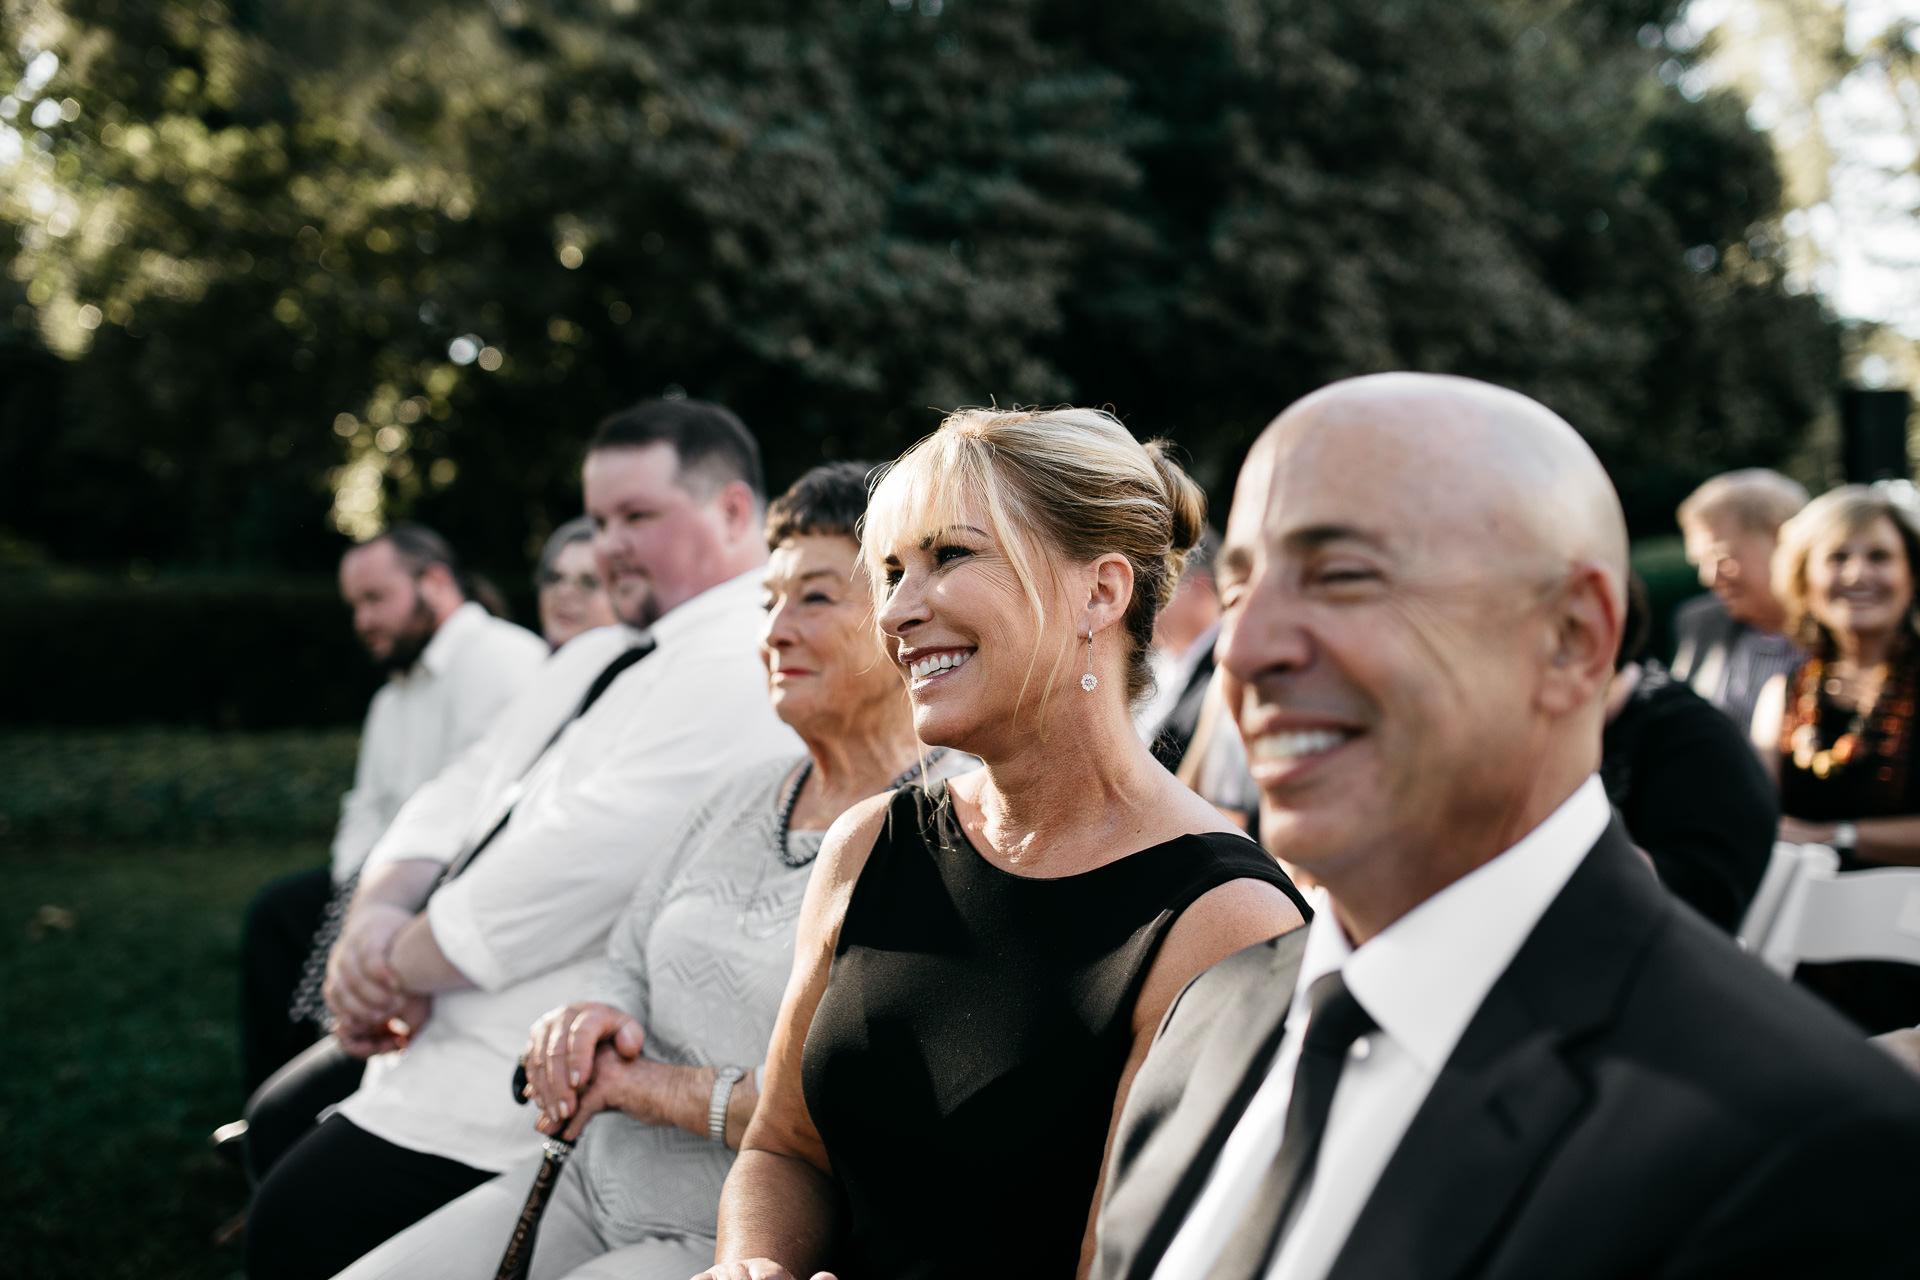 lauren_graham_wedding_california_park_winters_jeanlaurentgaudy_055